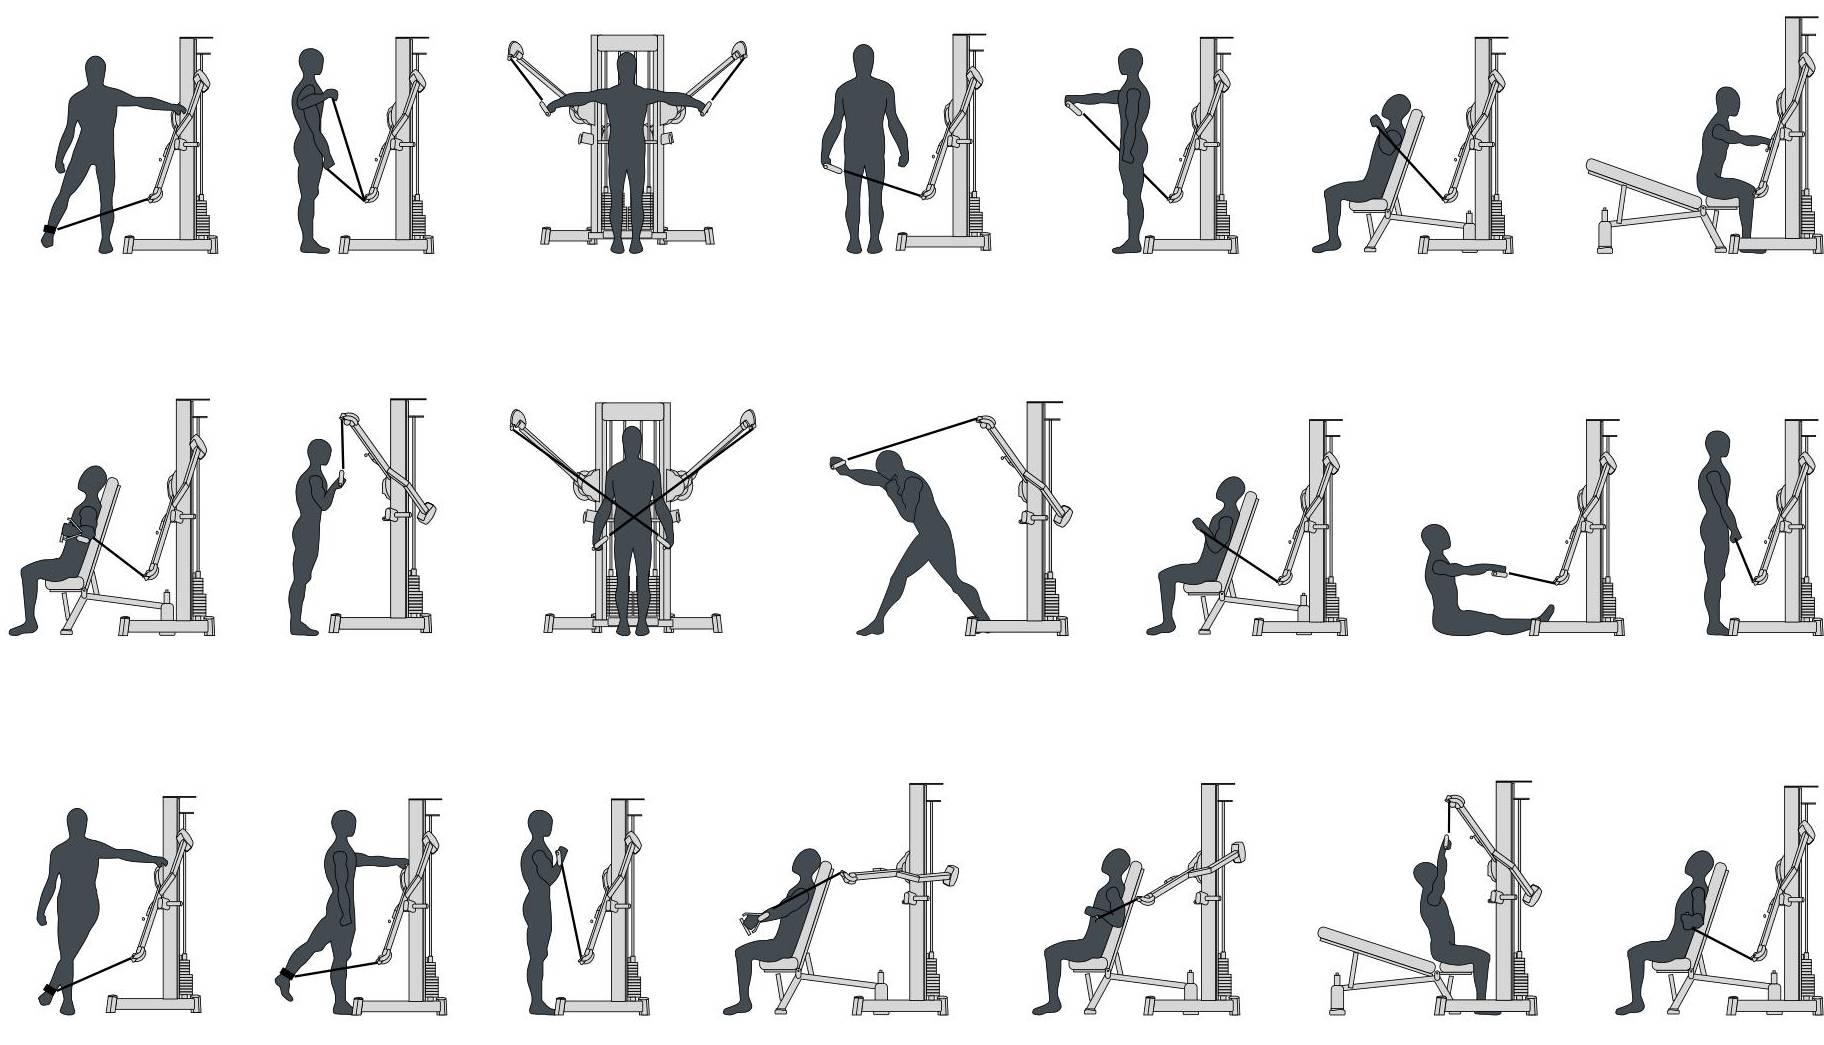 Упражнение на верхних блоках – тренировка в кроссовере: альтернатива классическим занятиям в спортзале